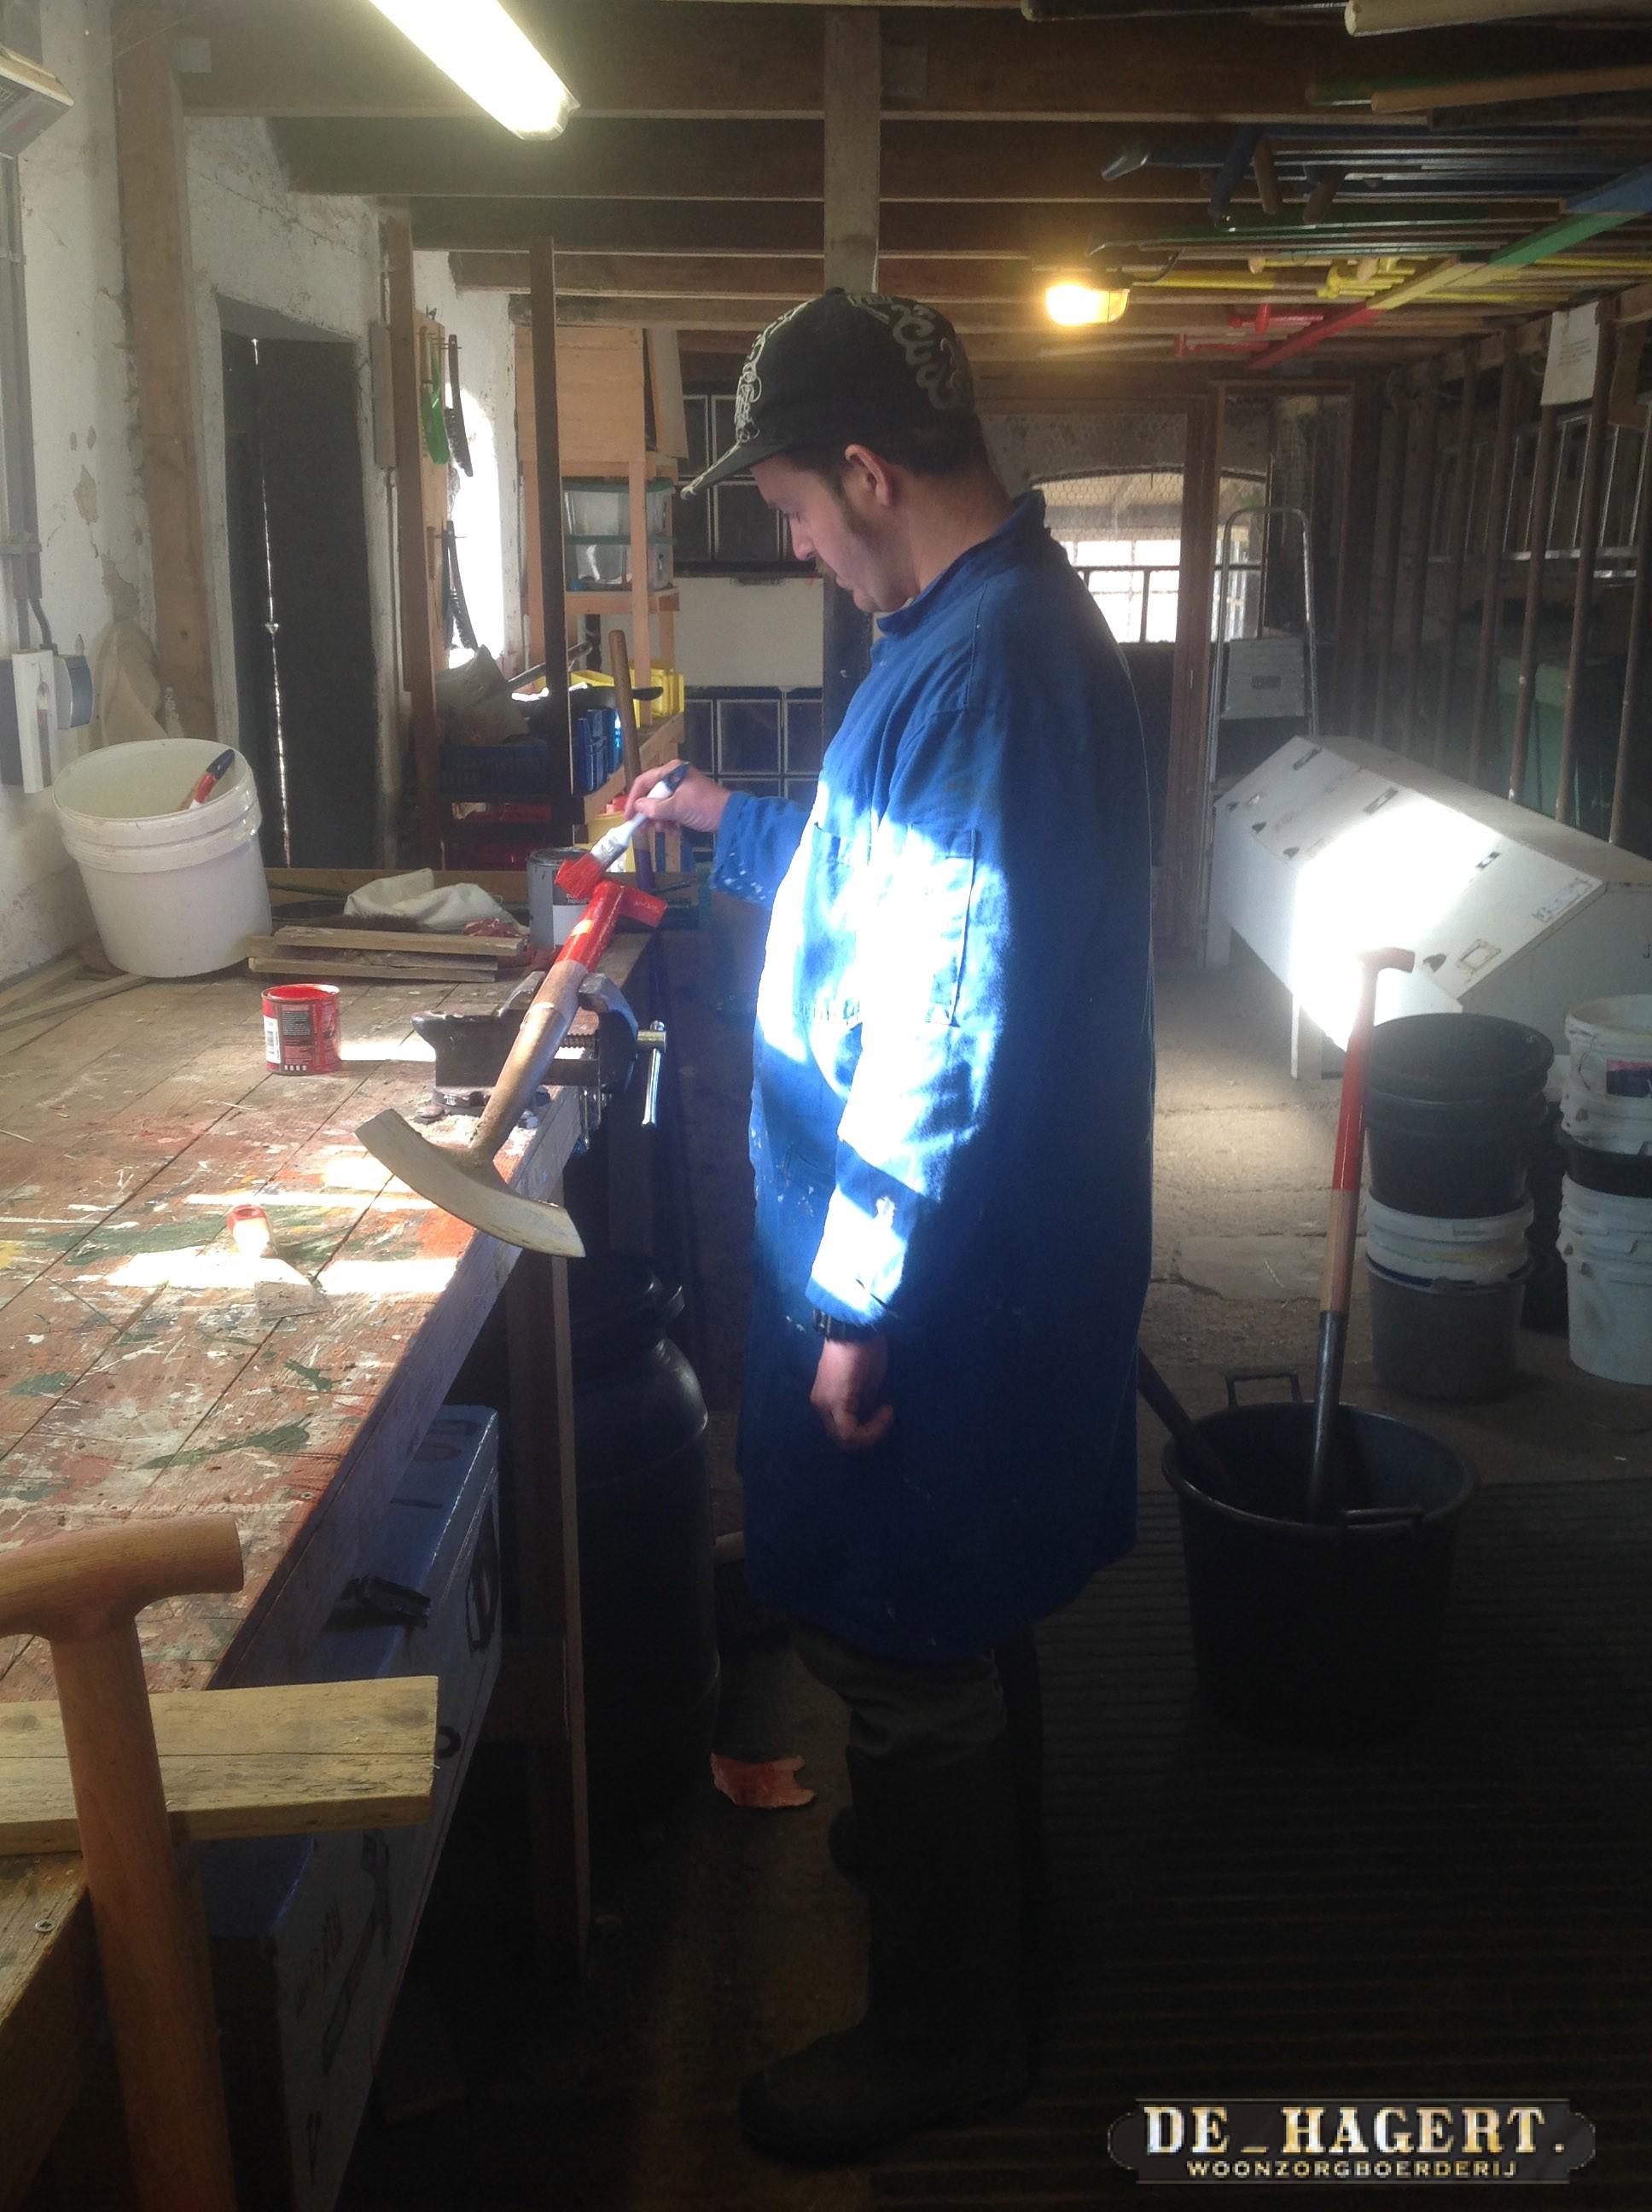 Maikel met materiaalonderhoud op de hagert2